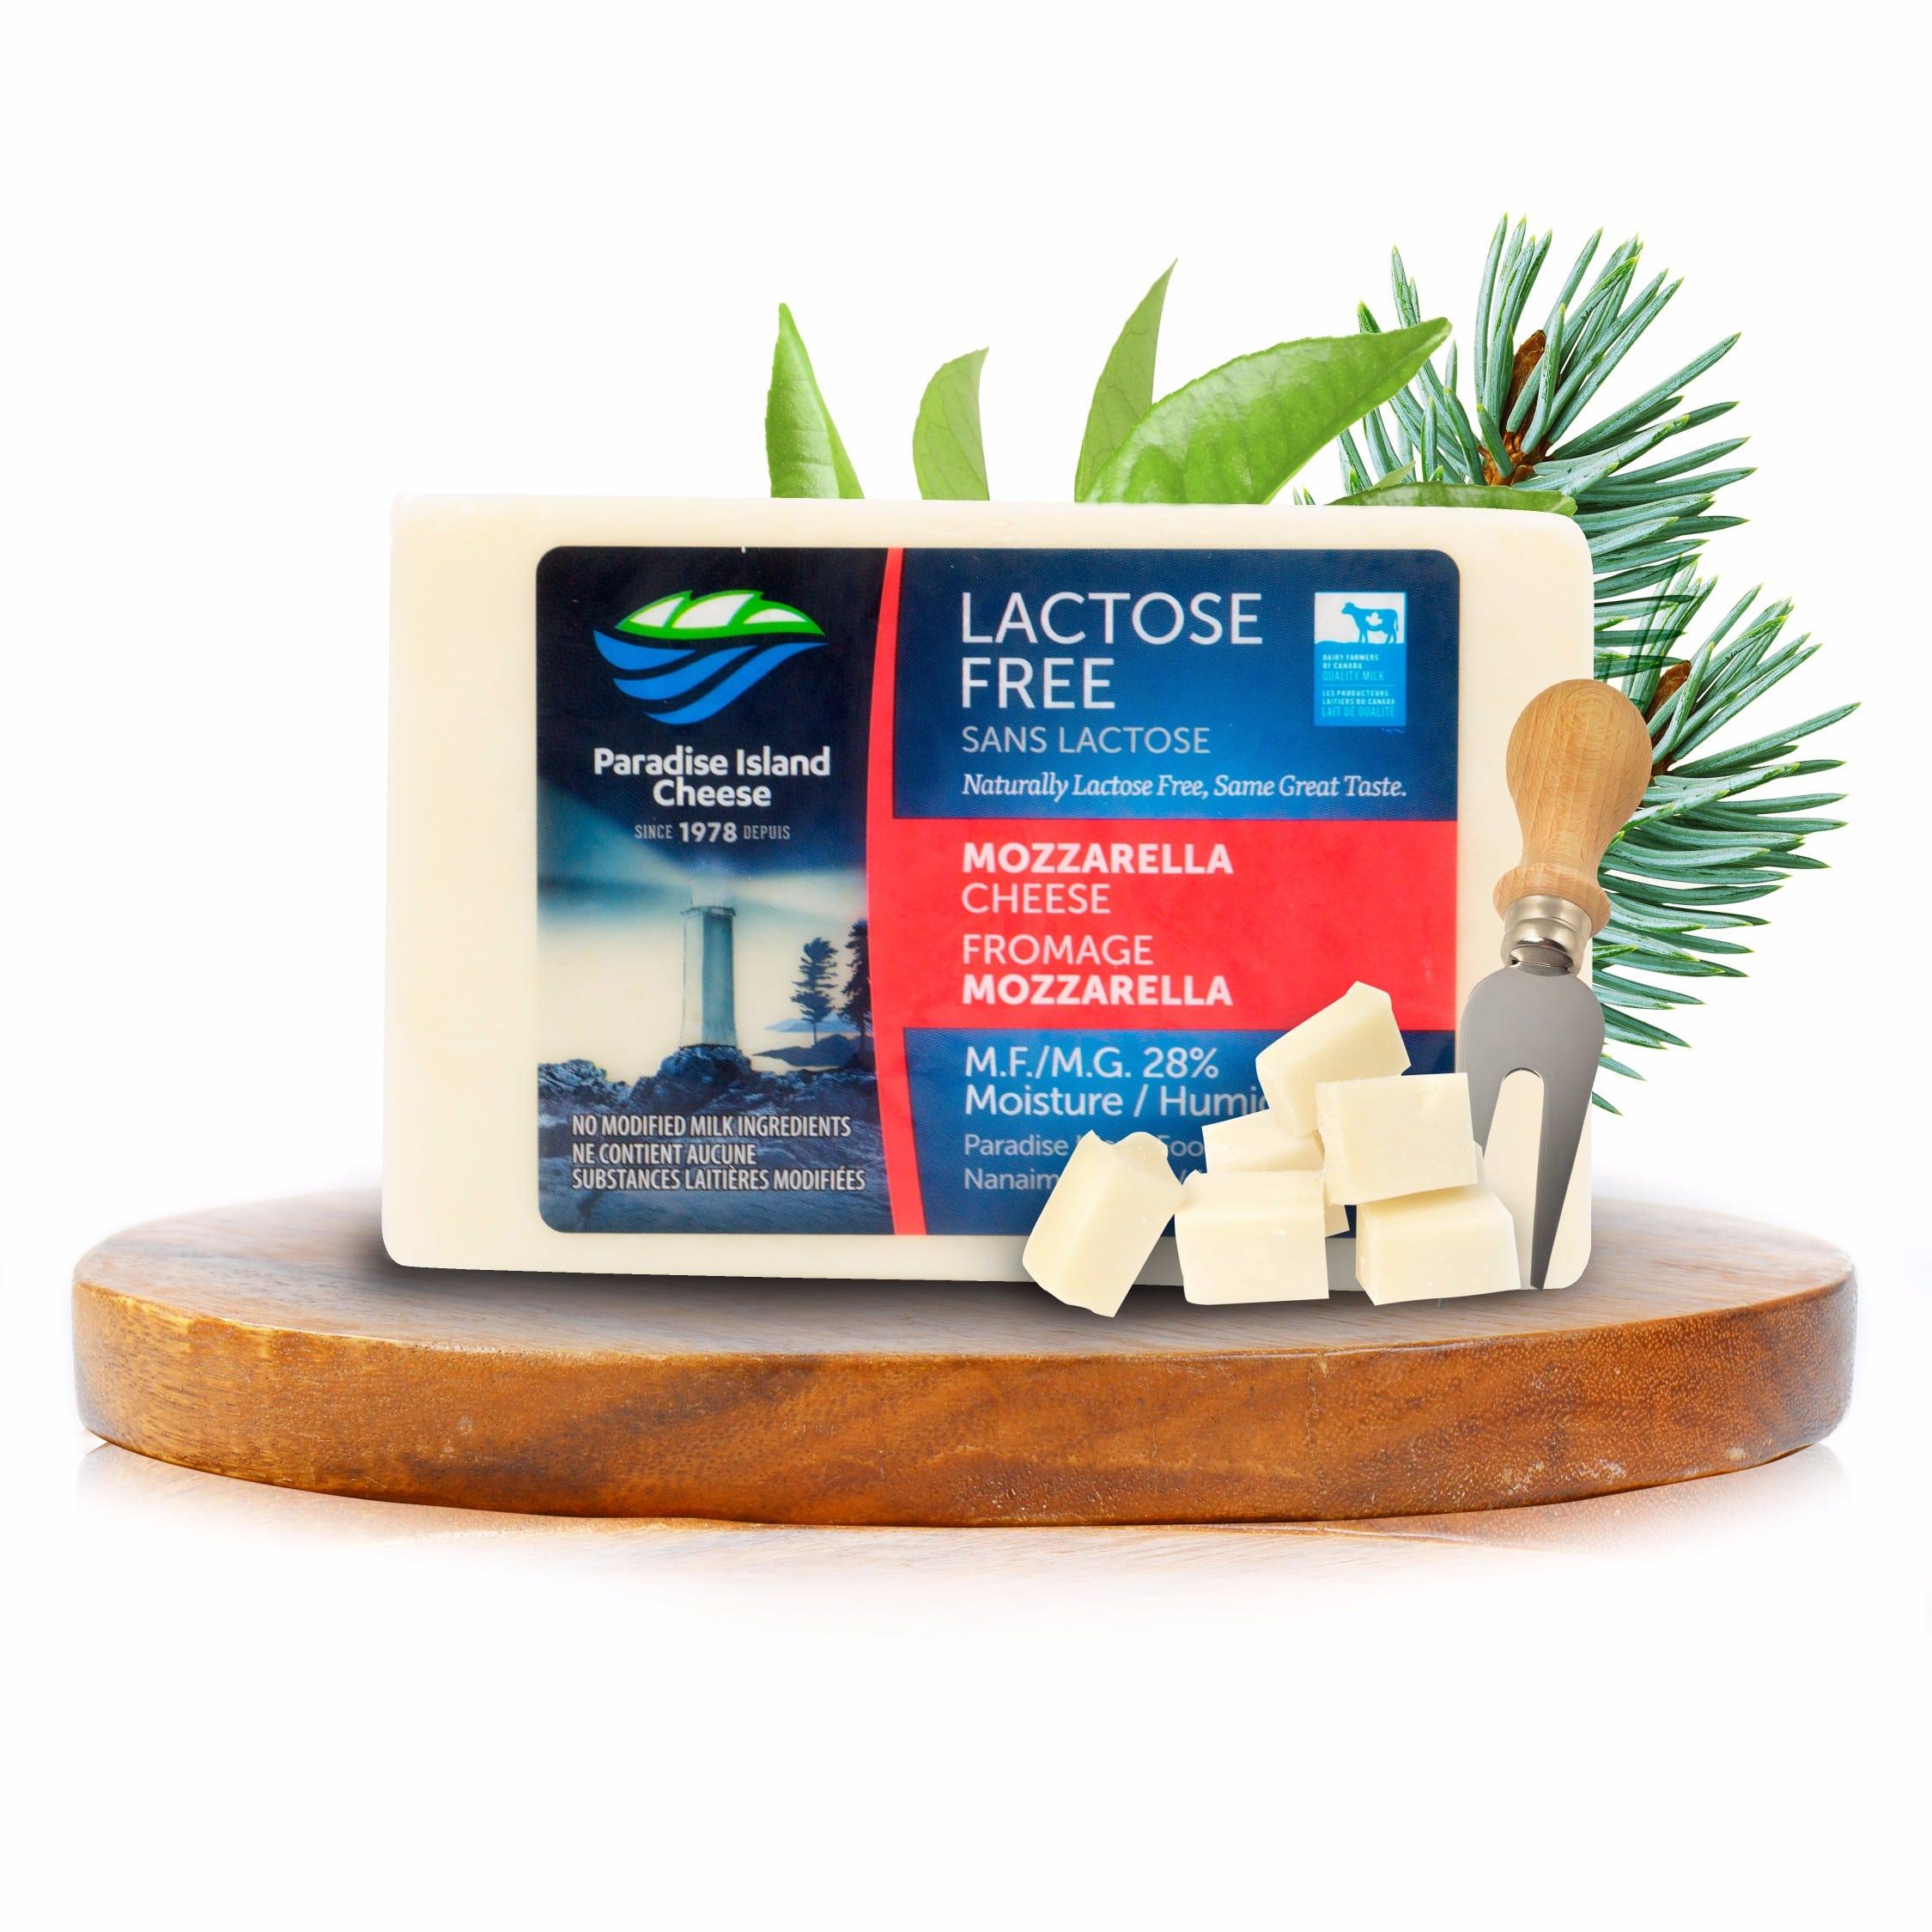 Lactose Free Mozzarella